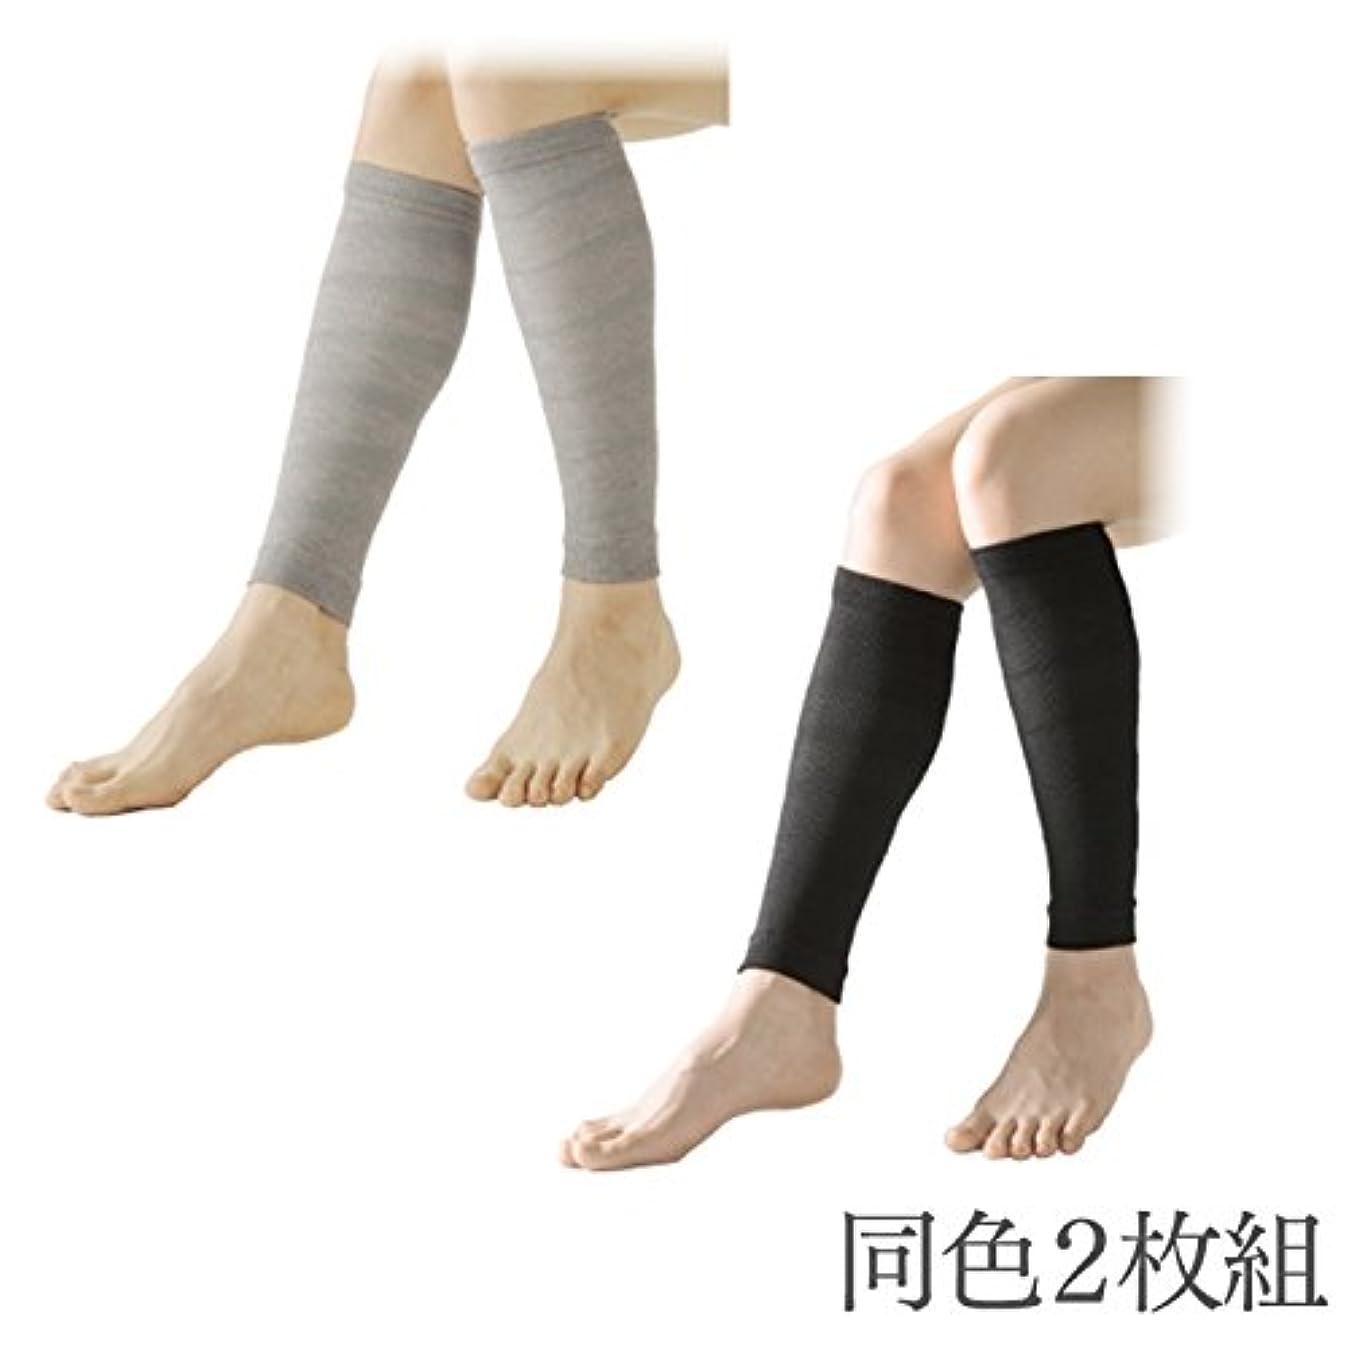 架空のほめる借りている着圧ソックス 足のむくみ 靴下 むくみ解消 着圧ふくらはぎサポーター 2枚組(ブラック)